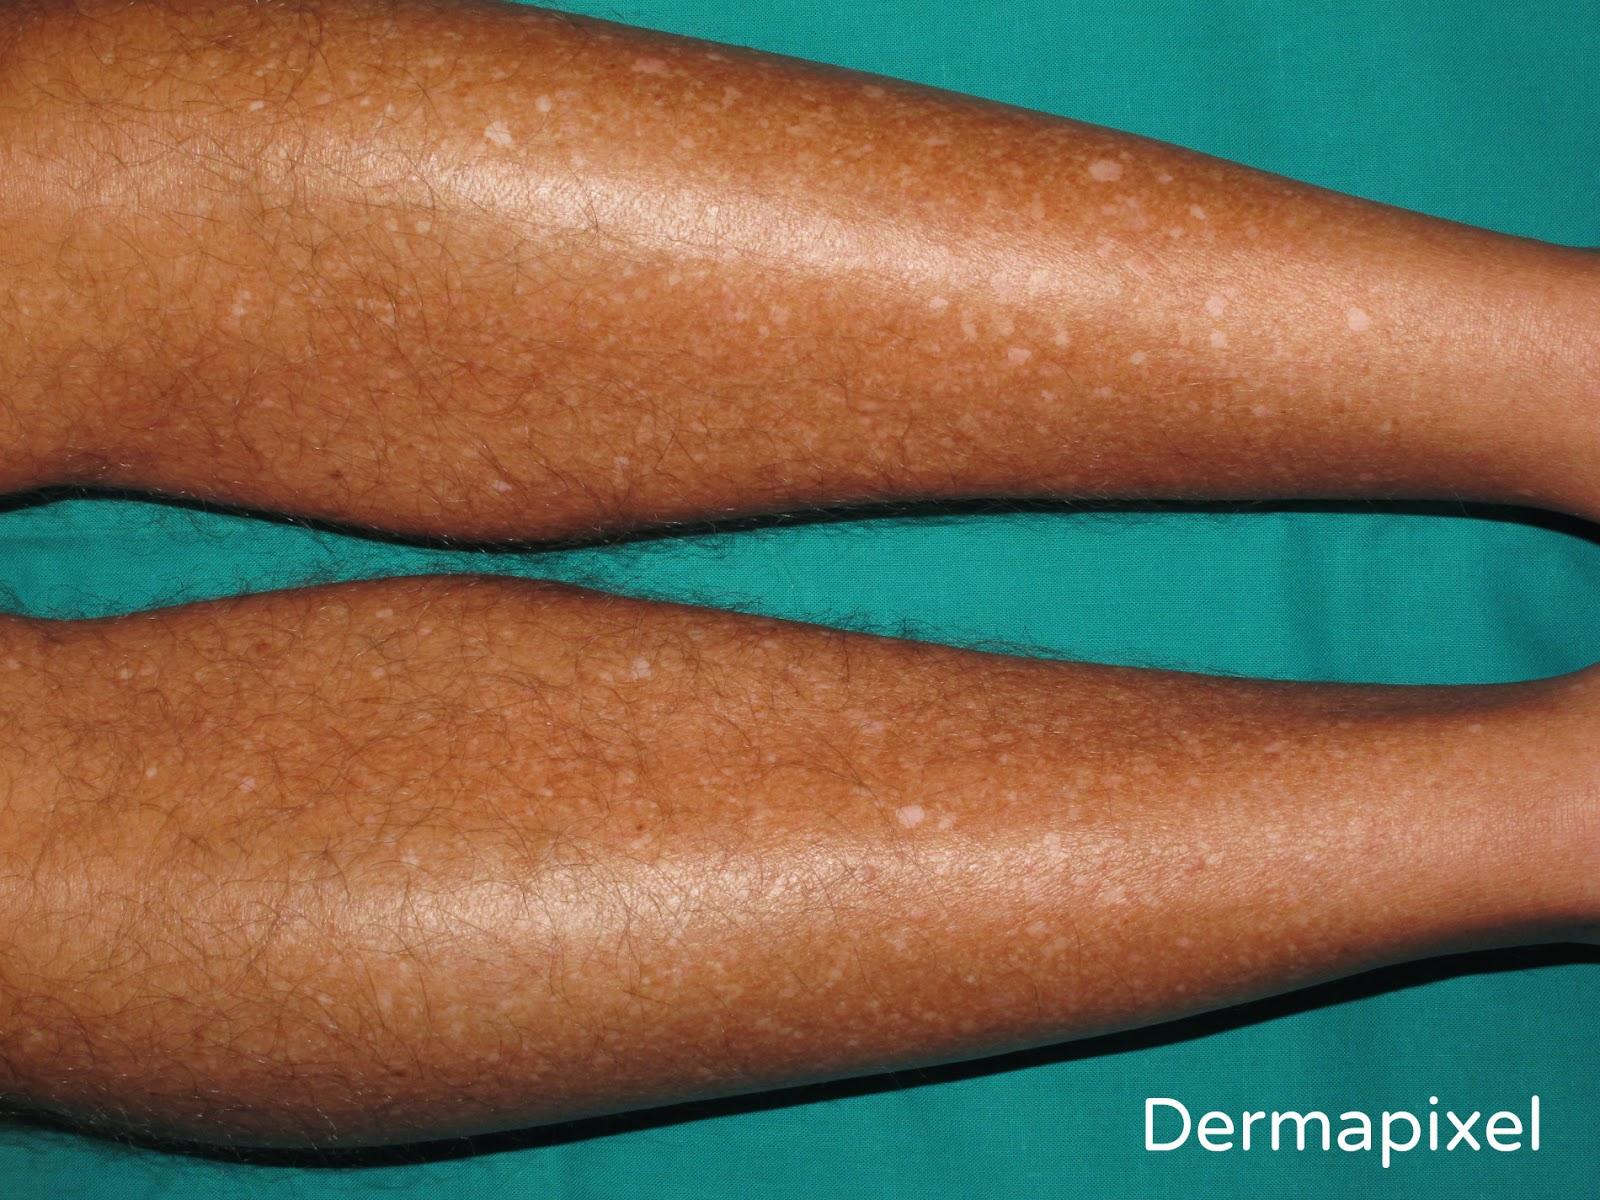 Quitar las manchas de pigmento sobre la persona por los ungüentos